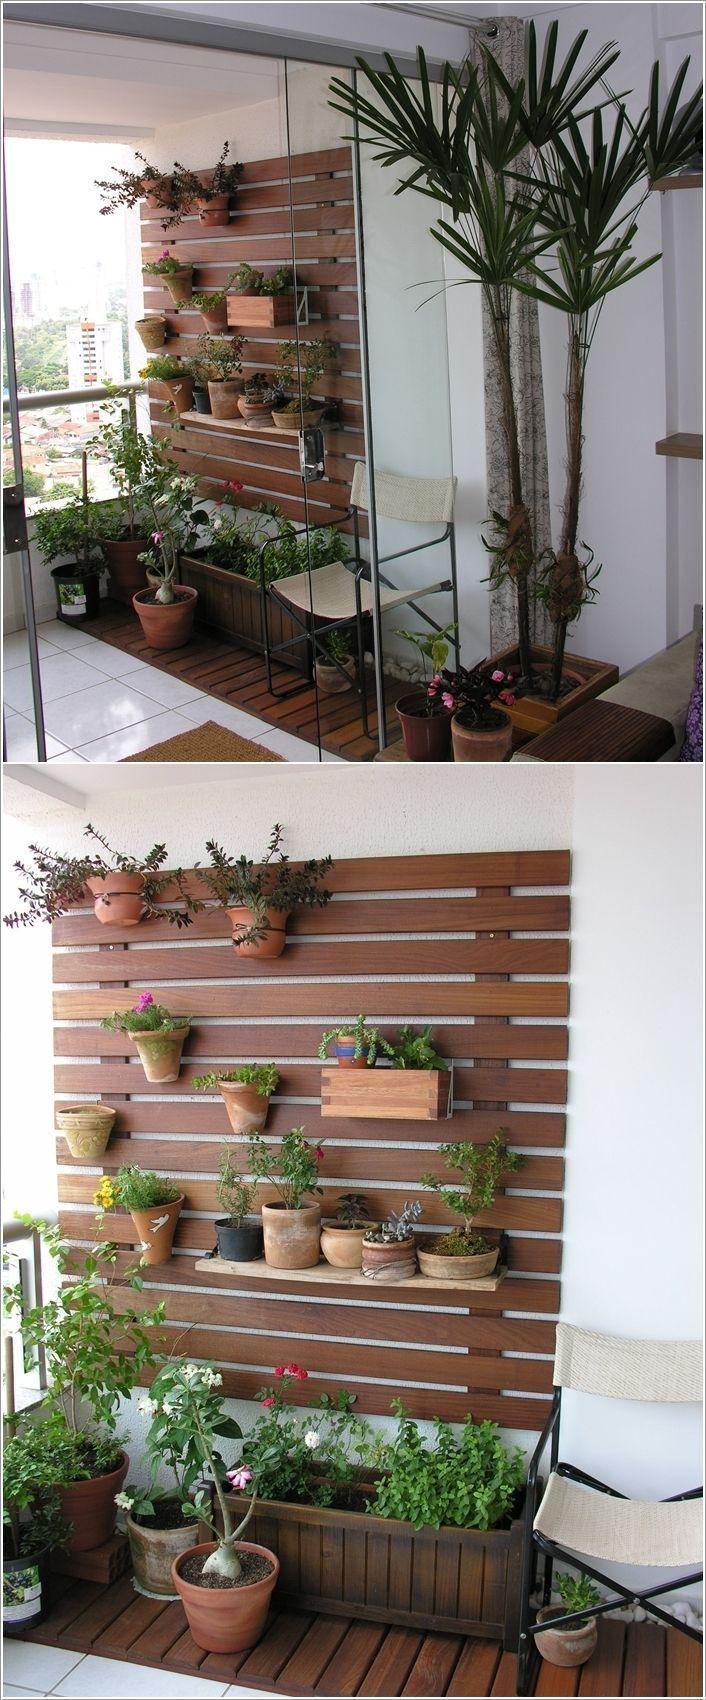 Creative Outdoor Wall Decor Ideas Pinterest Outdoor wall